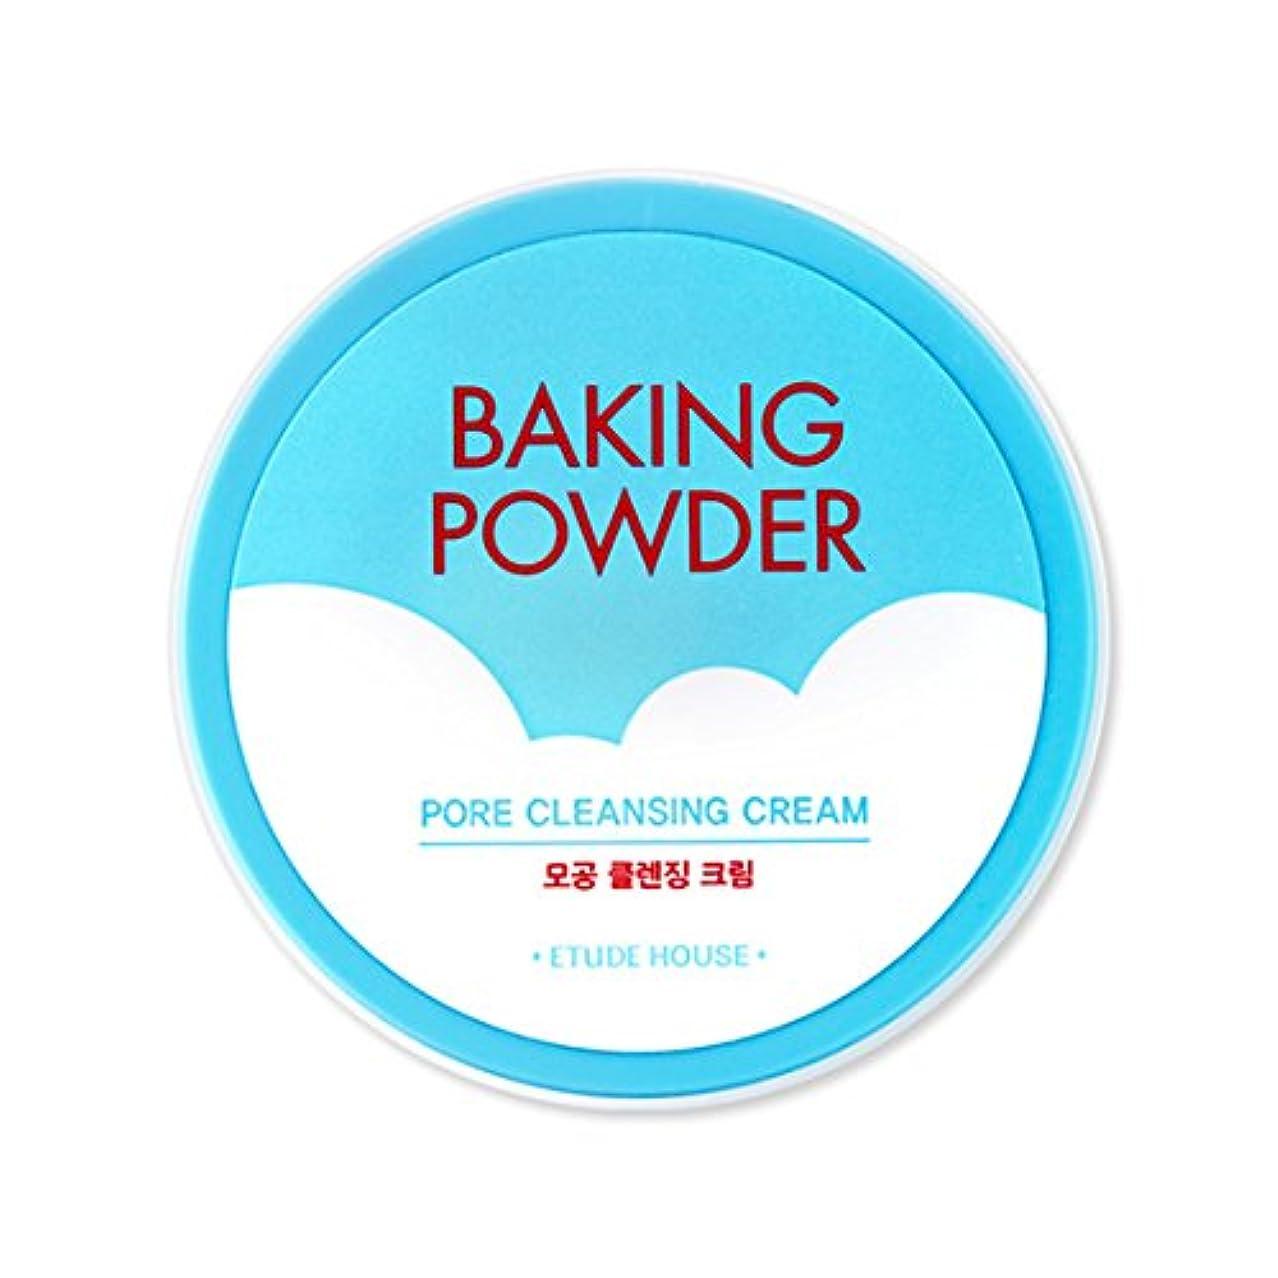 葉を拾う強制的グレード[2016 Upgrade!] ETUDE HOUSE Baking Powder Pore Cleansing Cream 180ml/エチュードハウス ベーキング パウダー ポア クレンジング クリーム 180ml...